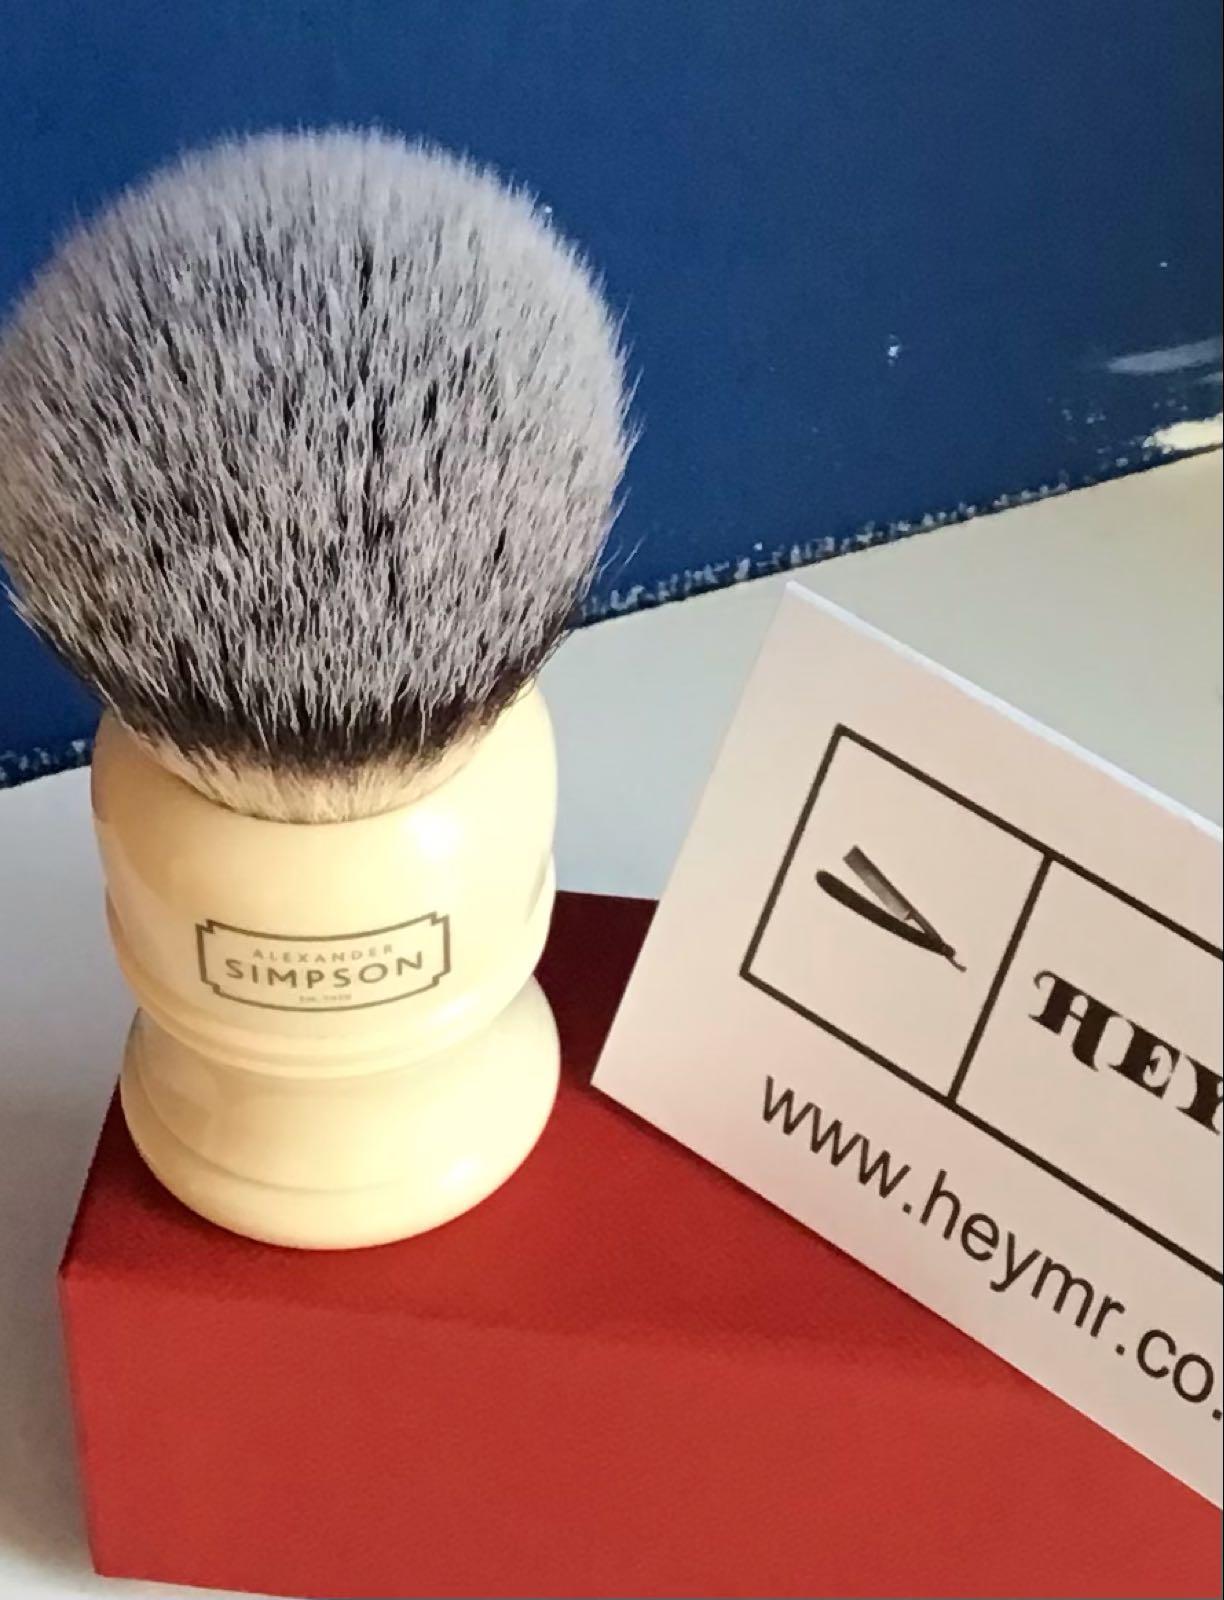 Simpson Trafalgar T2  synthetic shaving brush